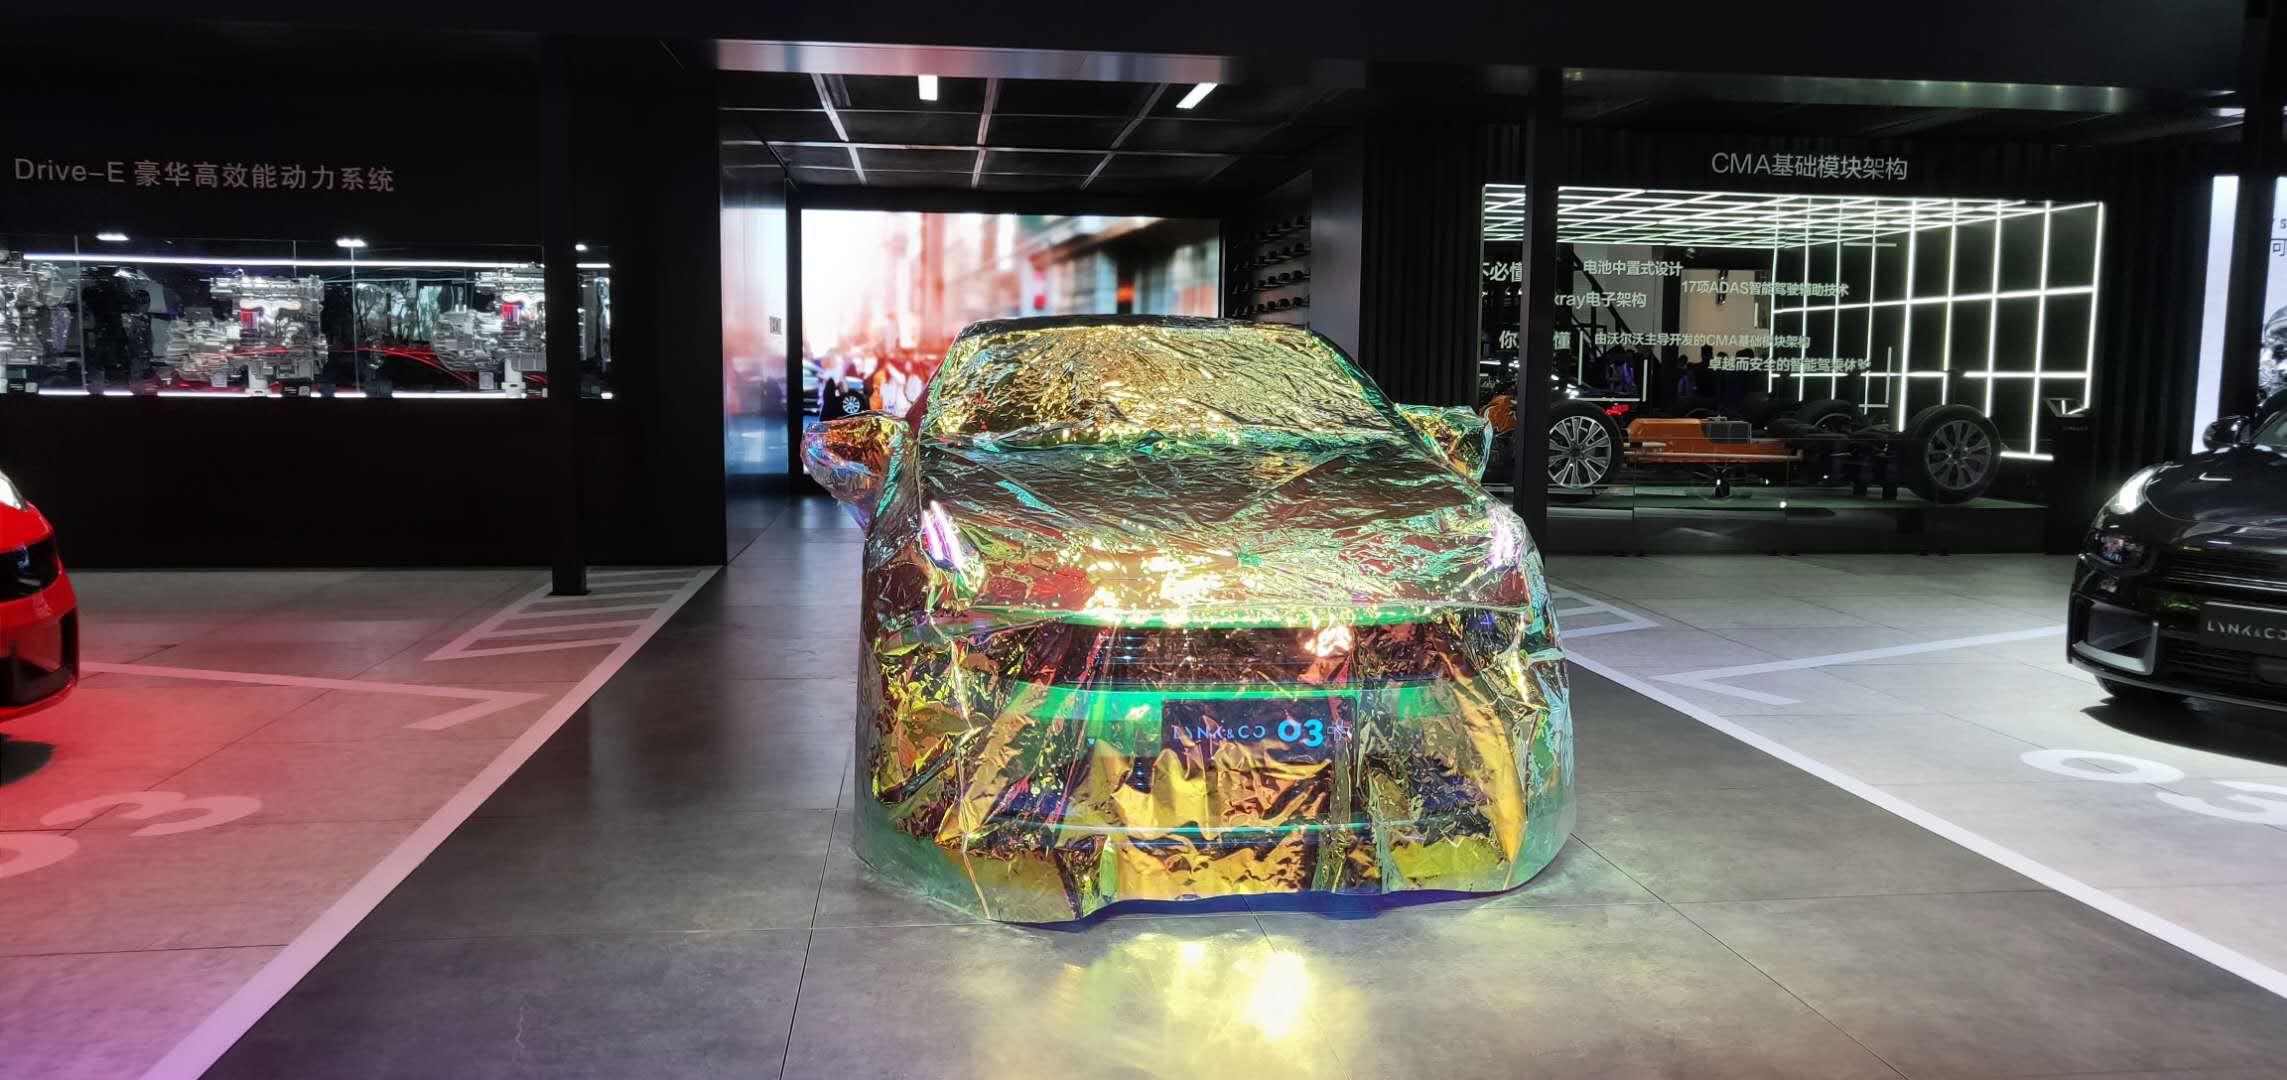 領克03+全新亮相于深港澳國際車展 245匹成就性能車夢想